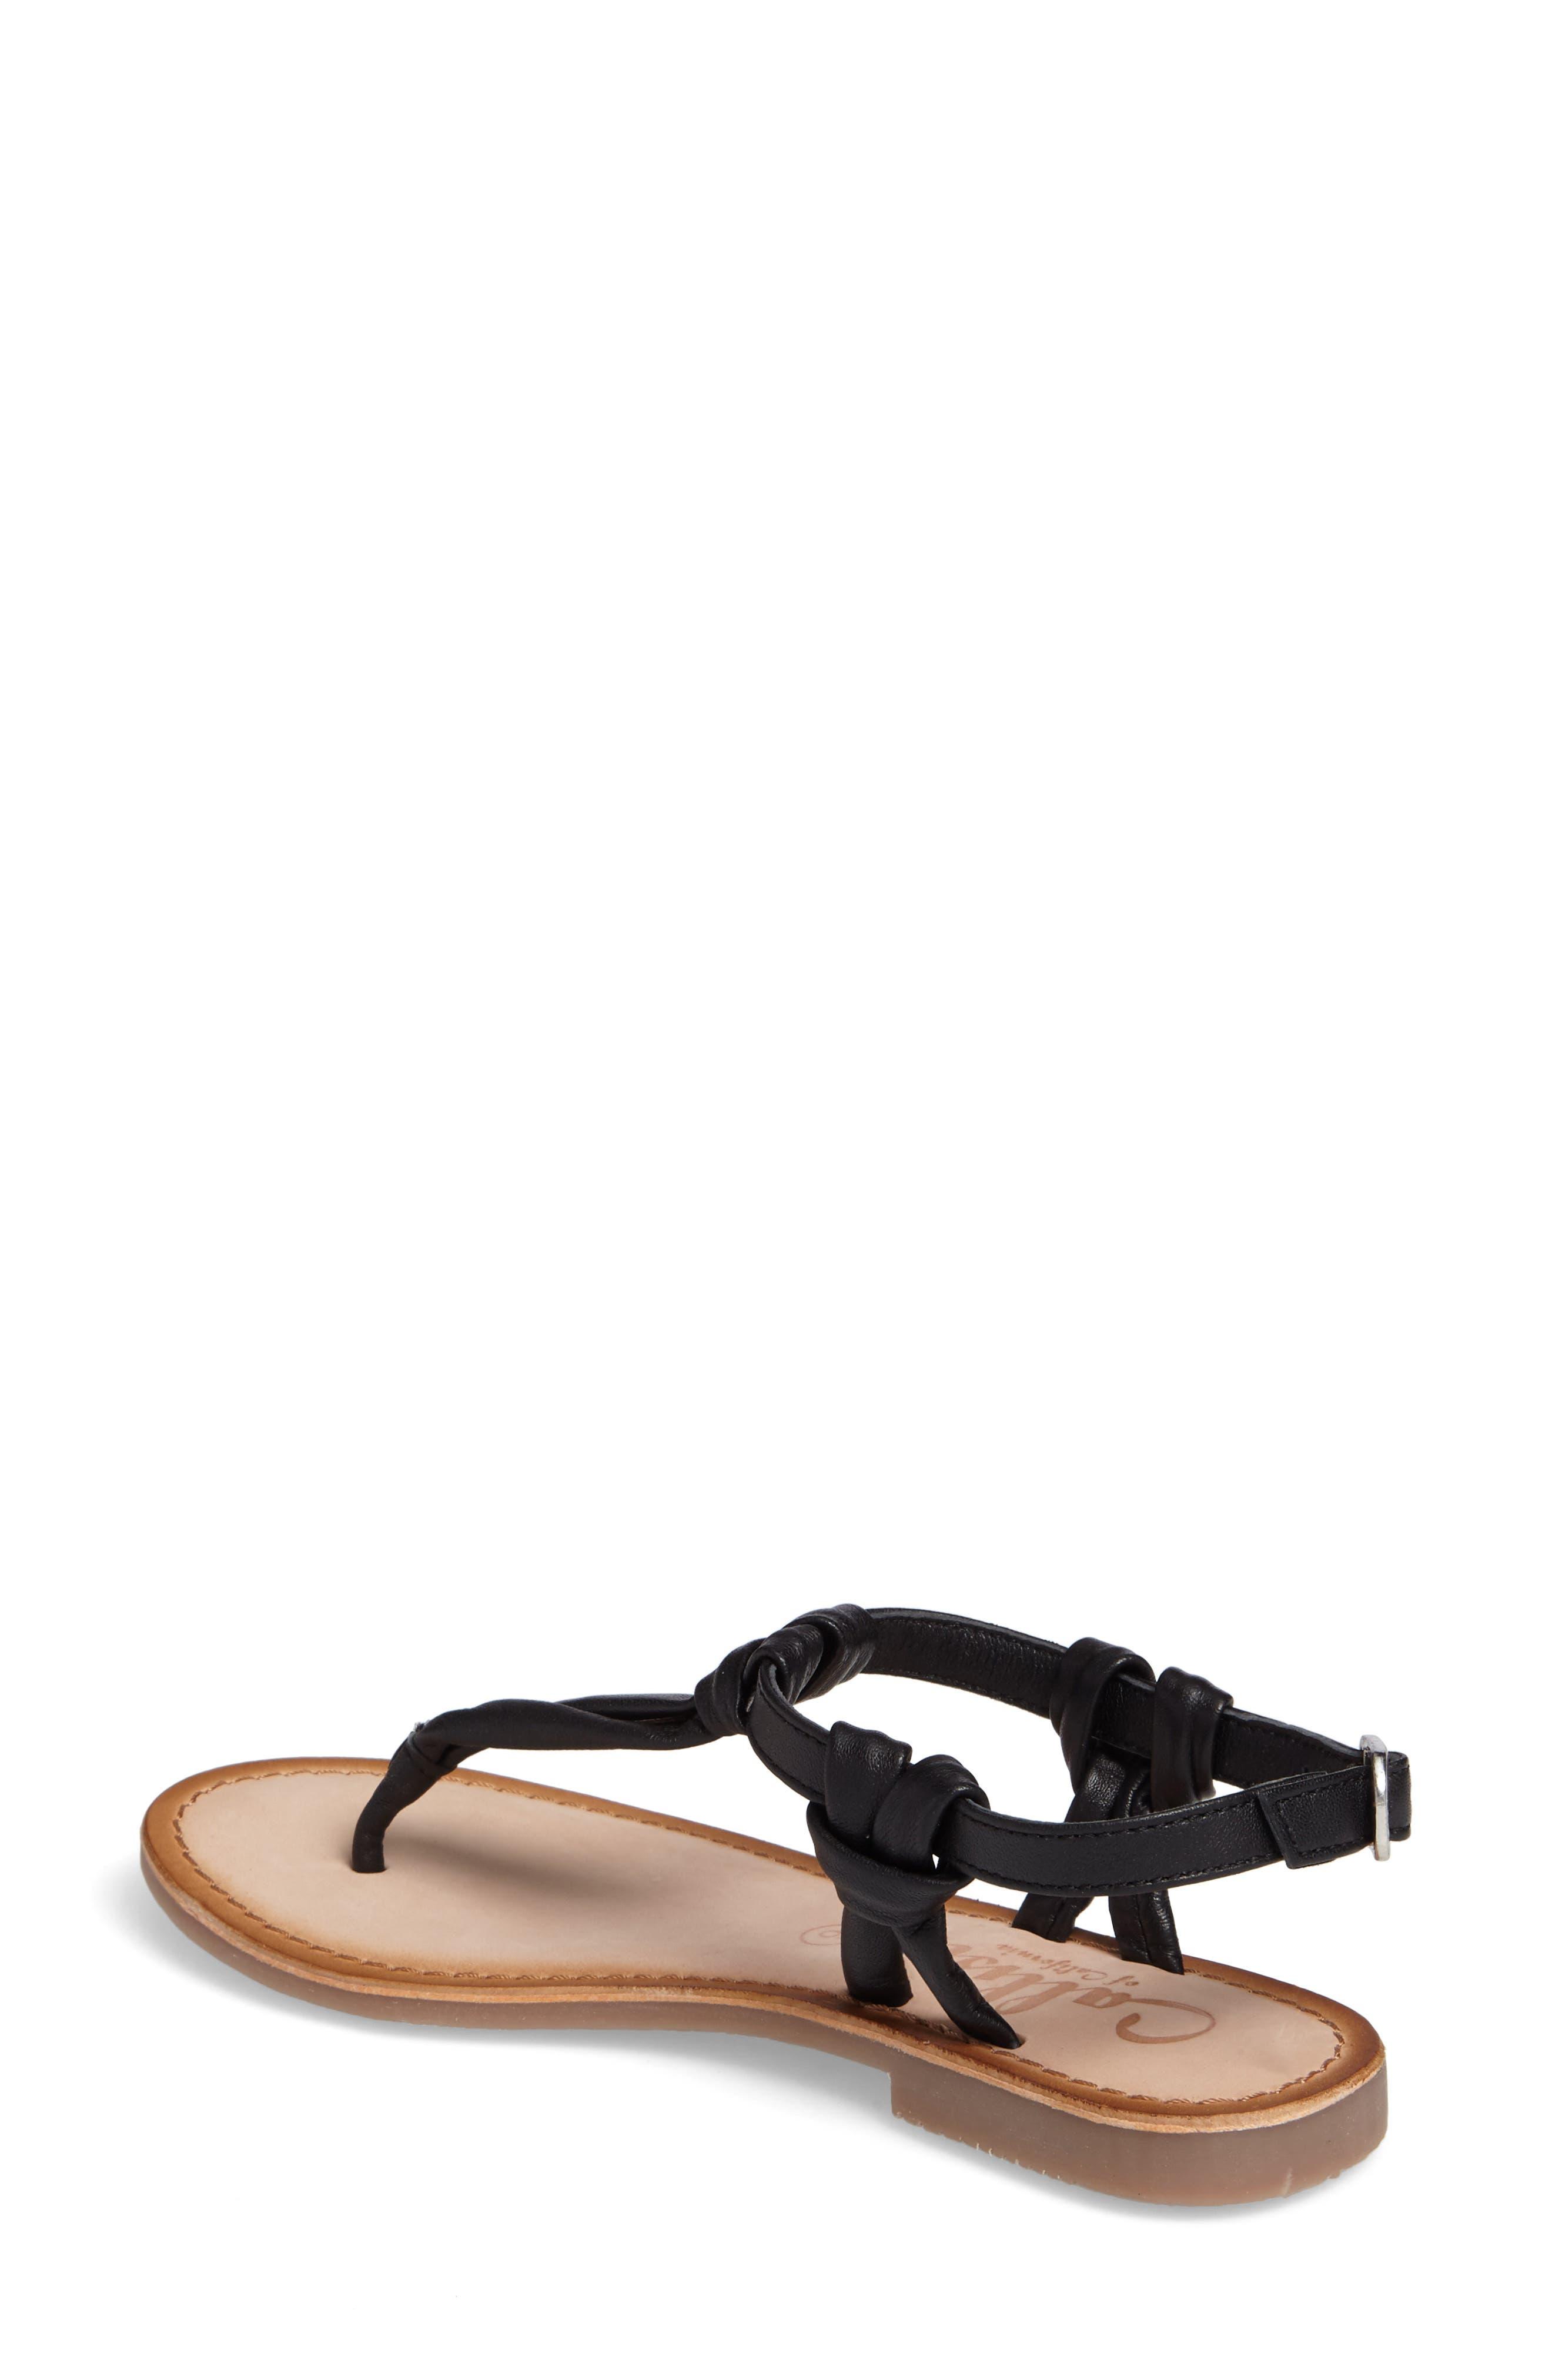 Azza T-Strap Sandal,                             Alternate thumbnail 2, color,                             001